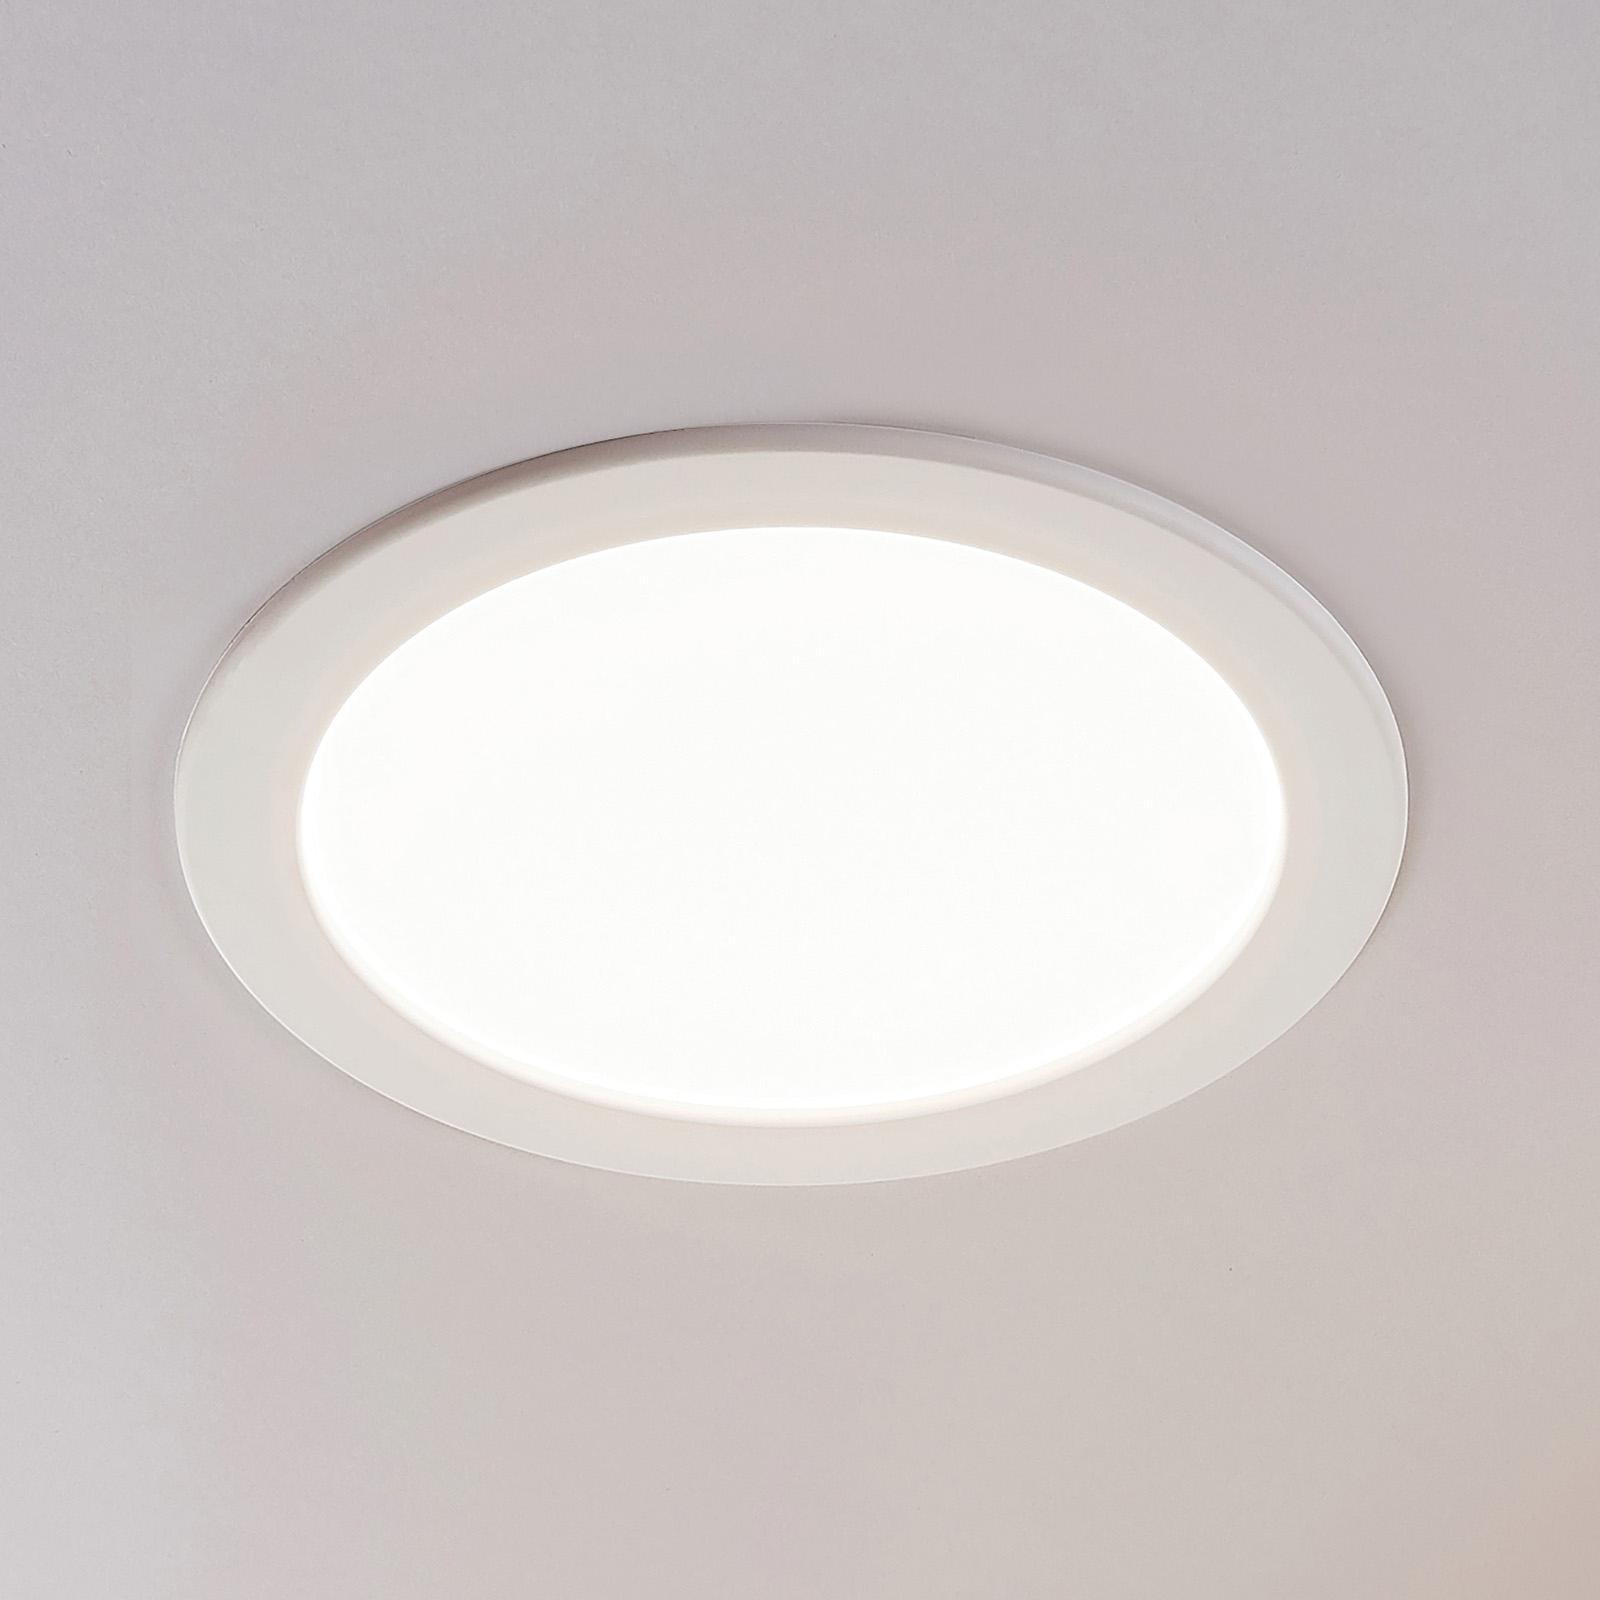 LED-innfelt spot Joki, hvit, 3000K rund 24cm